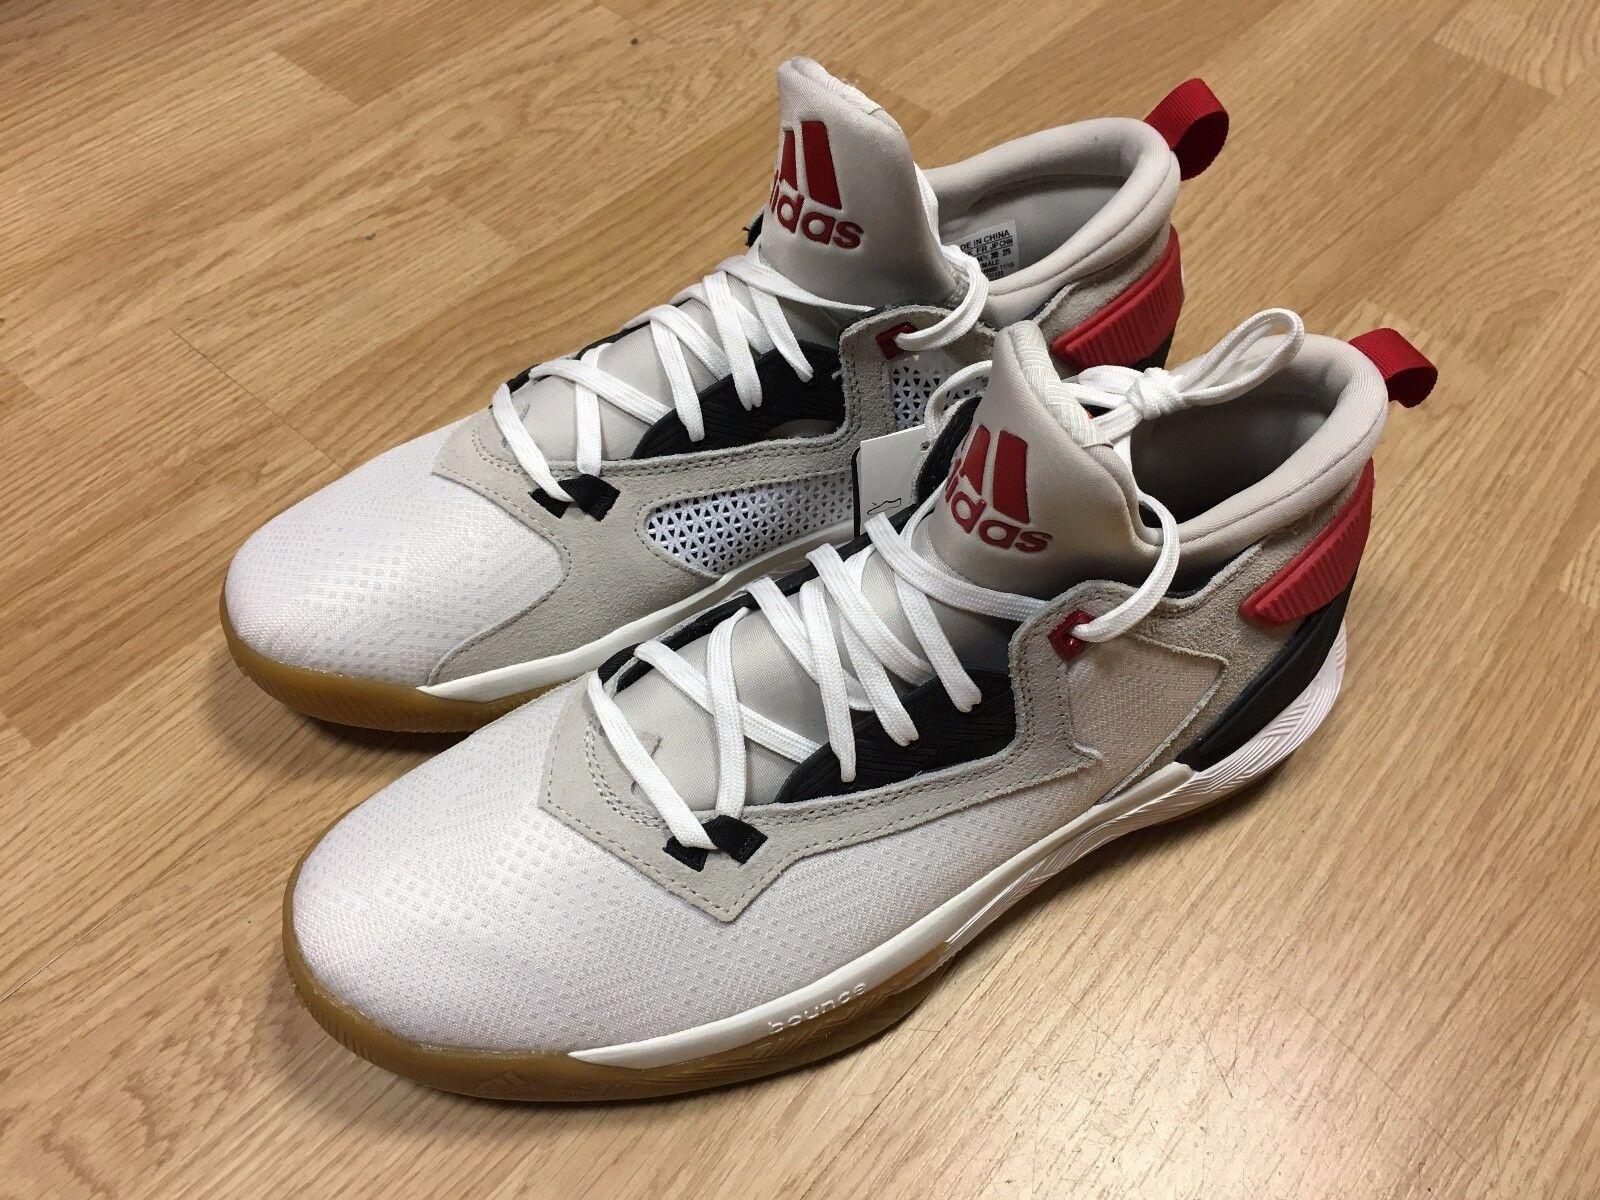 Adidas originals d d originals lillard 2 ii f37123 rip stadt portland nach hause damian weiße selten 922987